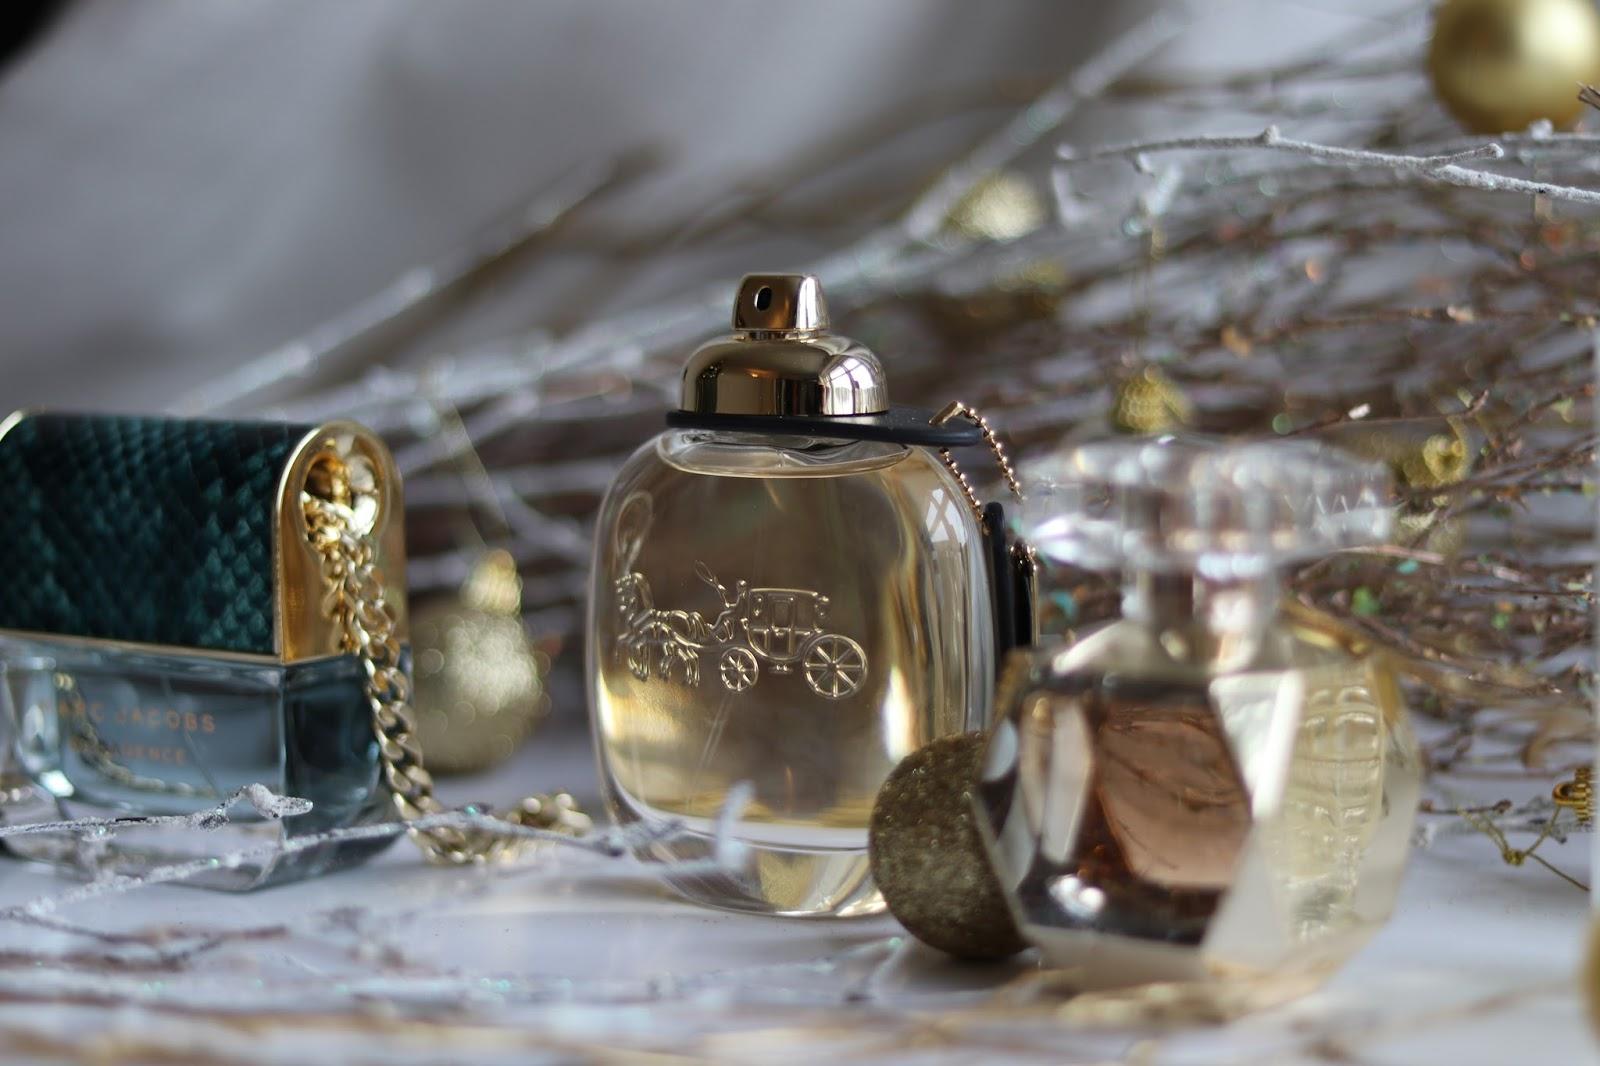 Coach Eau de Parfum, Elie Saab Le Parfum L'Edition Or, Marc Jacobs Decadence, Alaia Paris Eau de Parfum Blanche